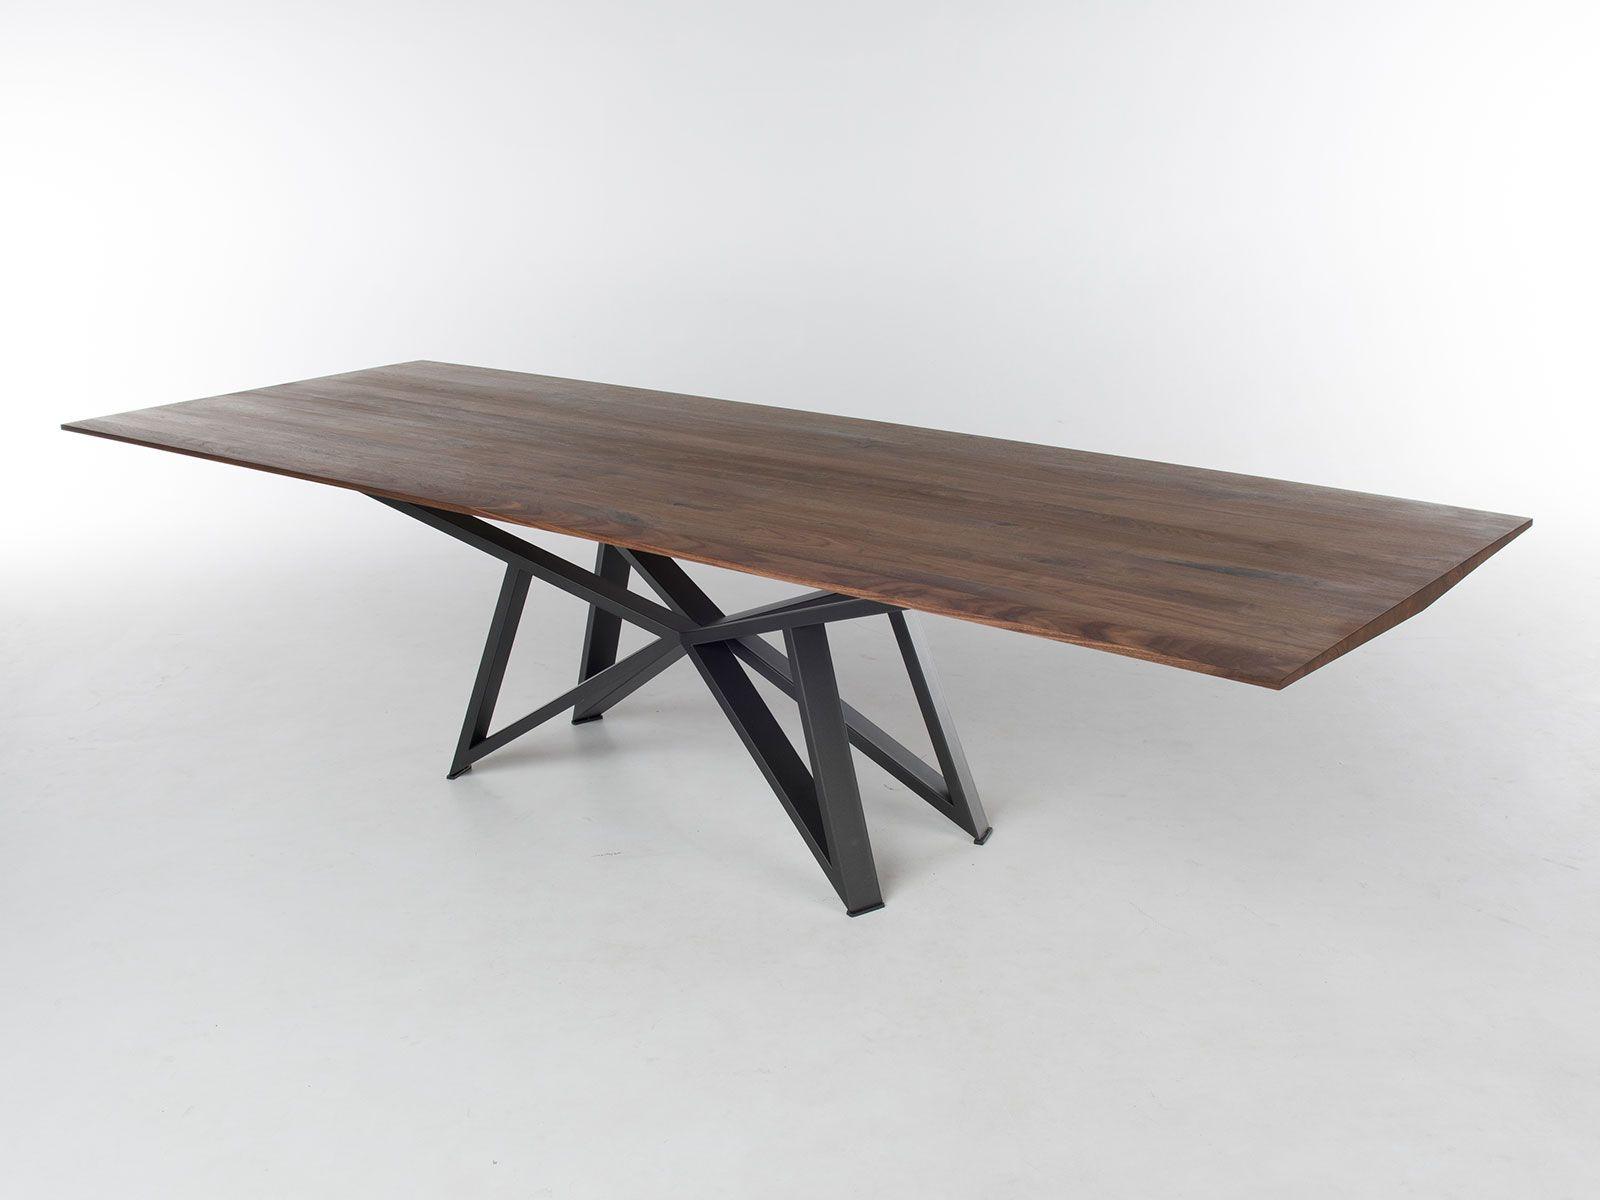 Bert Plantagie Tafel : Stella tafel van bert plantagie got it table living room dining